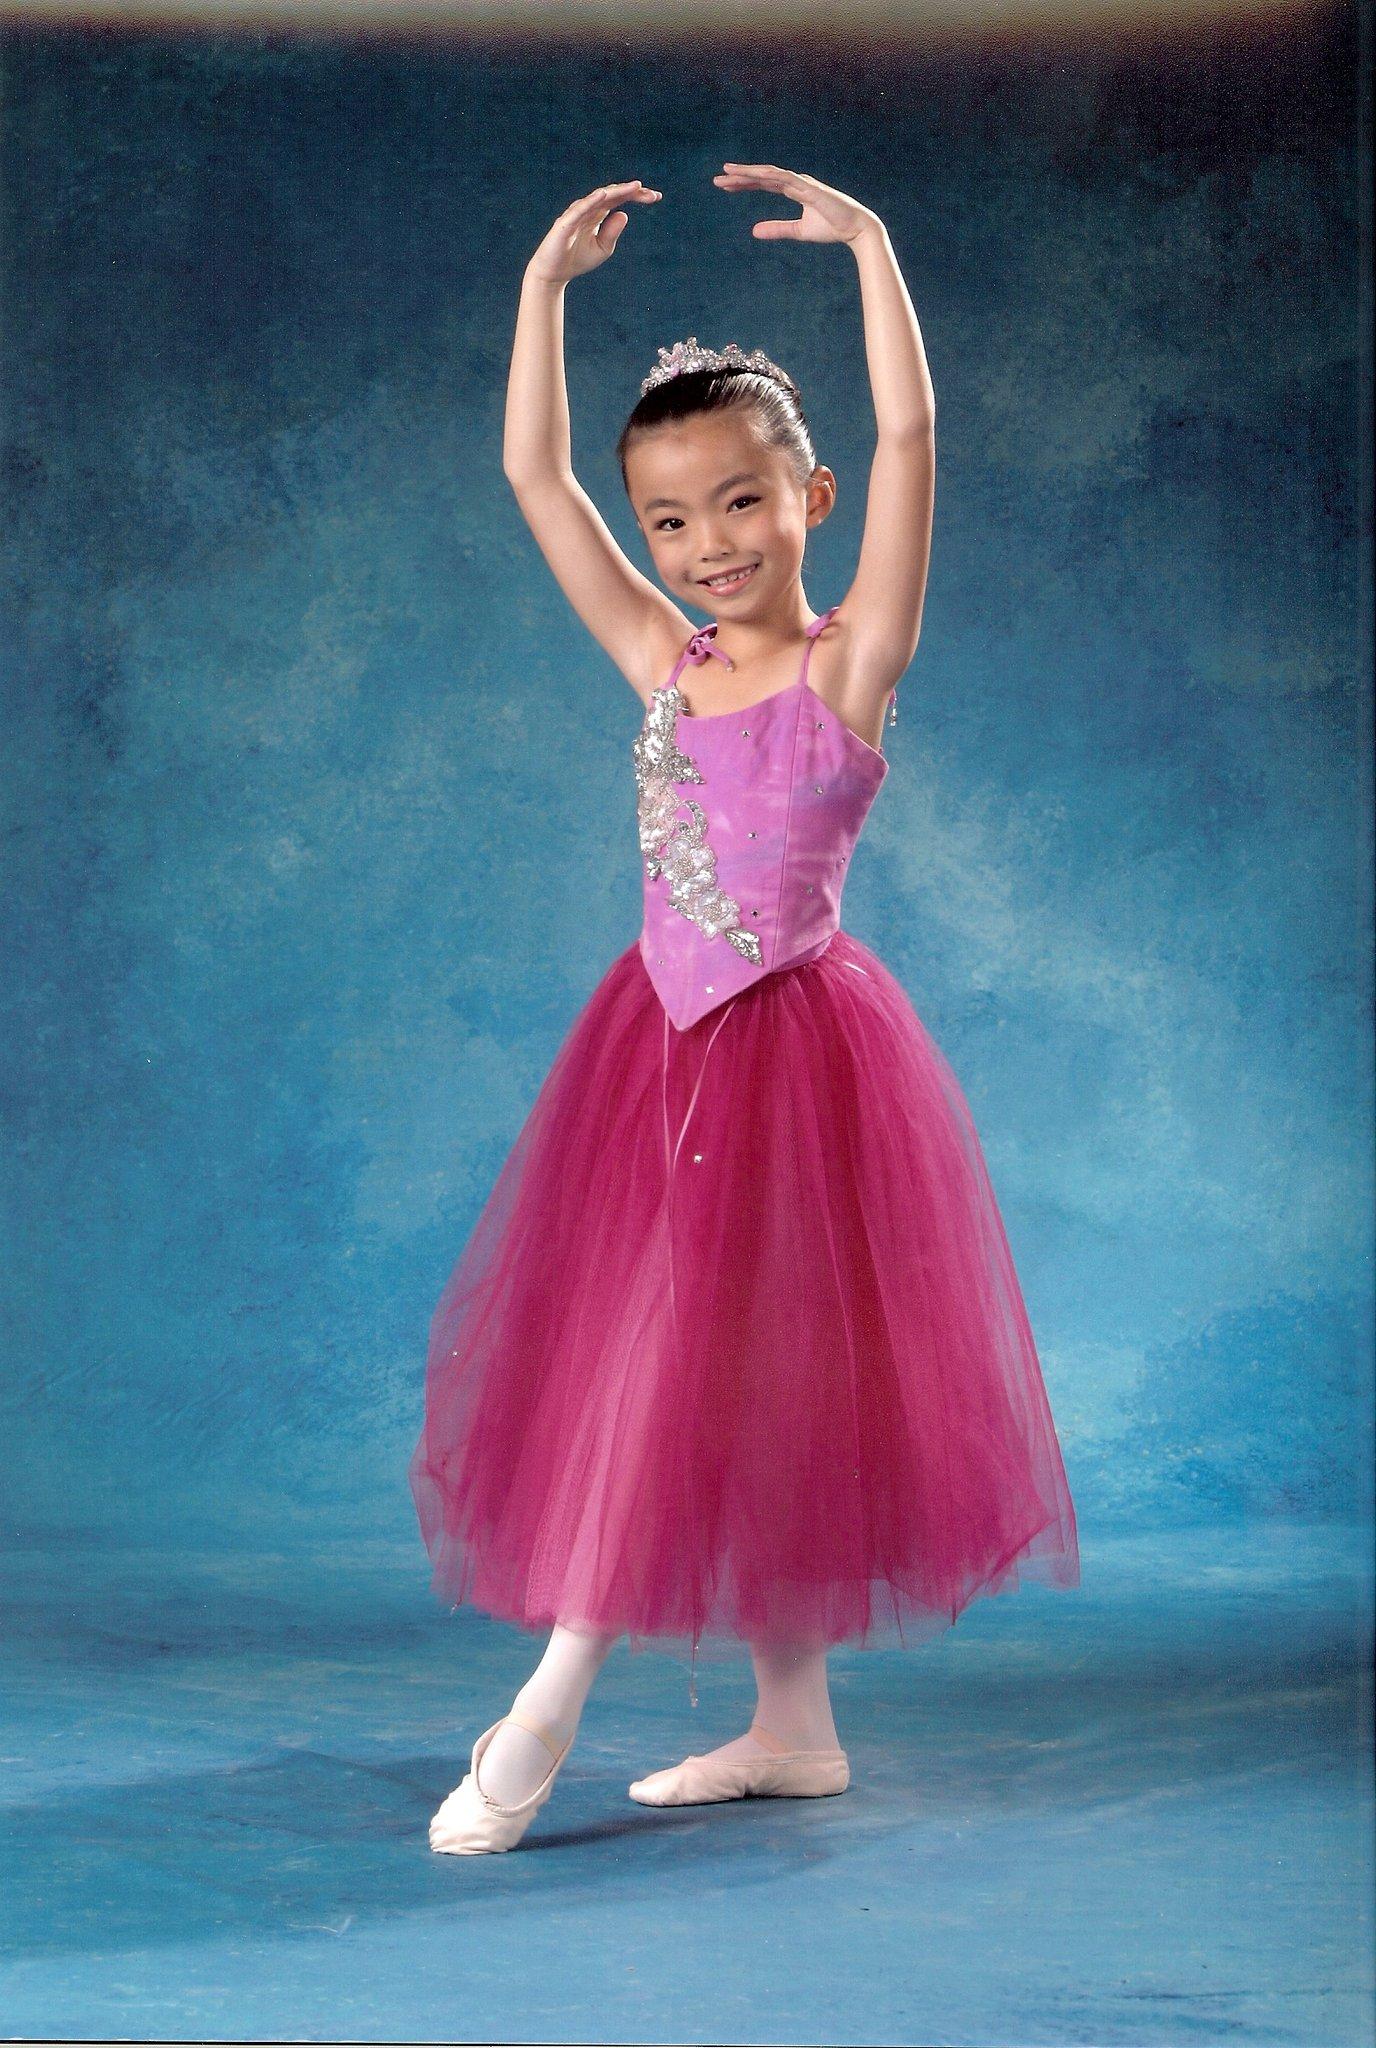 Aria the Ballerina